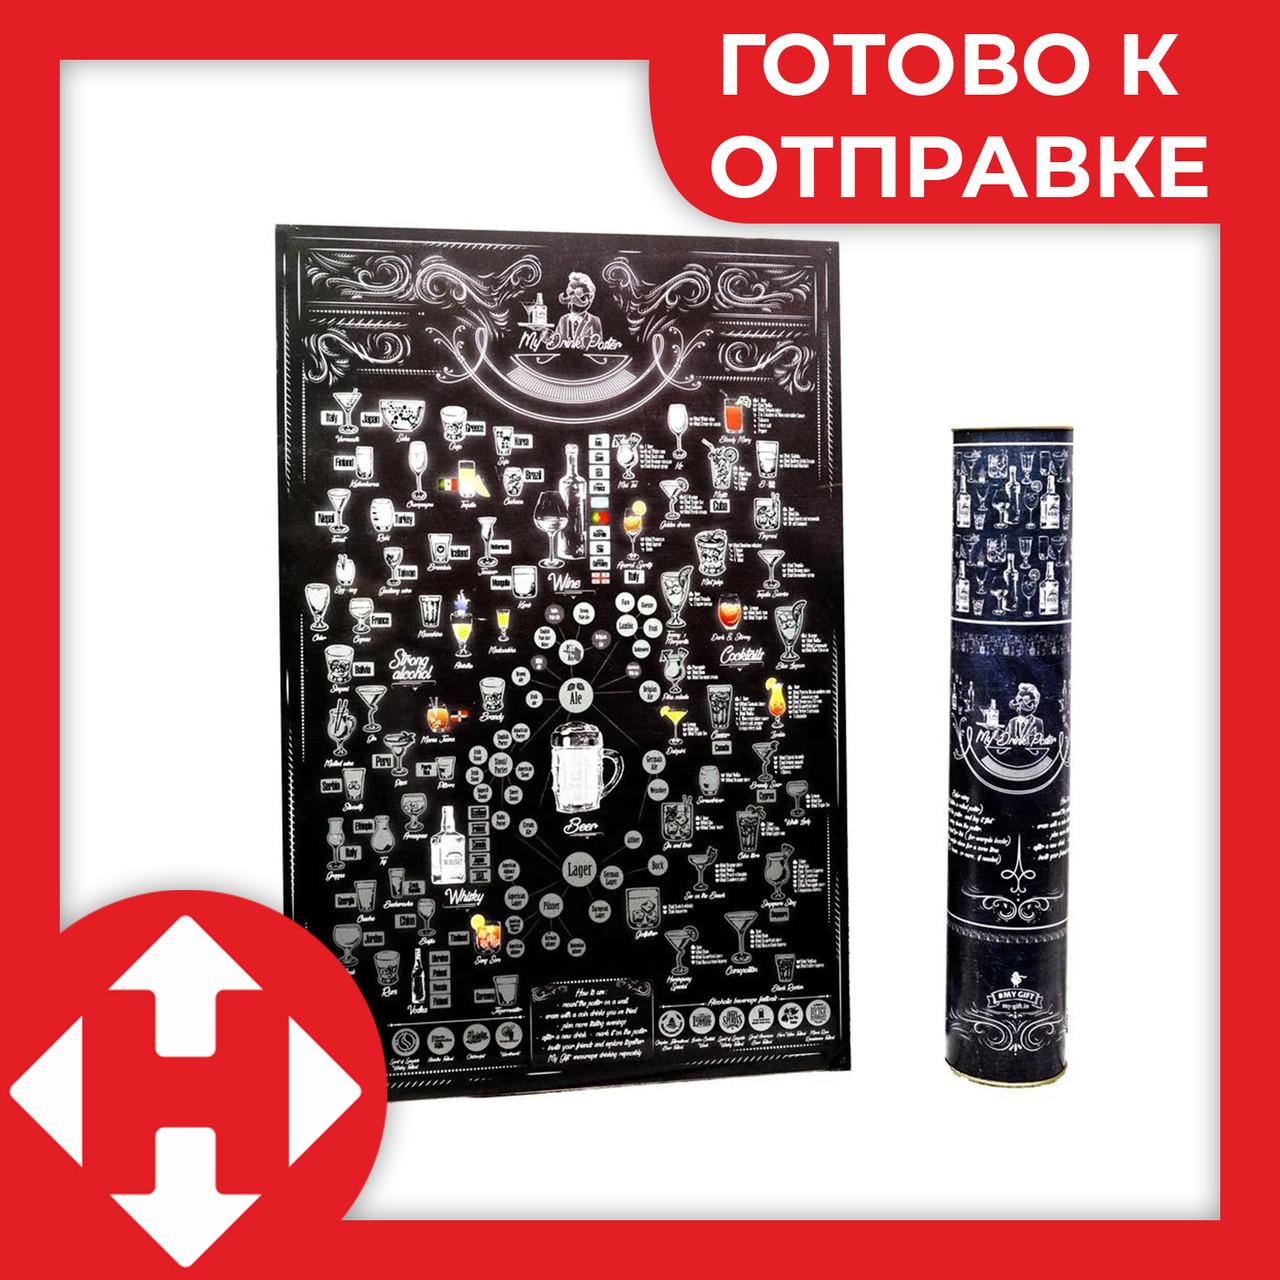 Скретч постер, My Poster Cinema Edition 21 century, стираемый постер, ENG